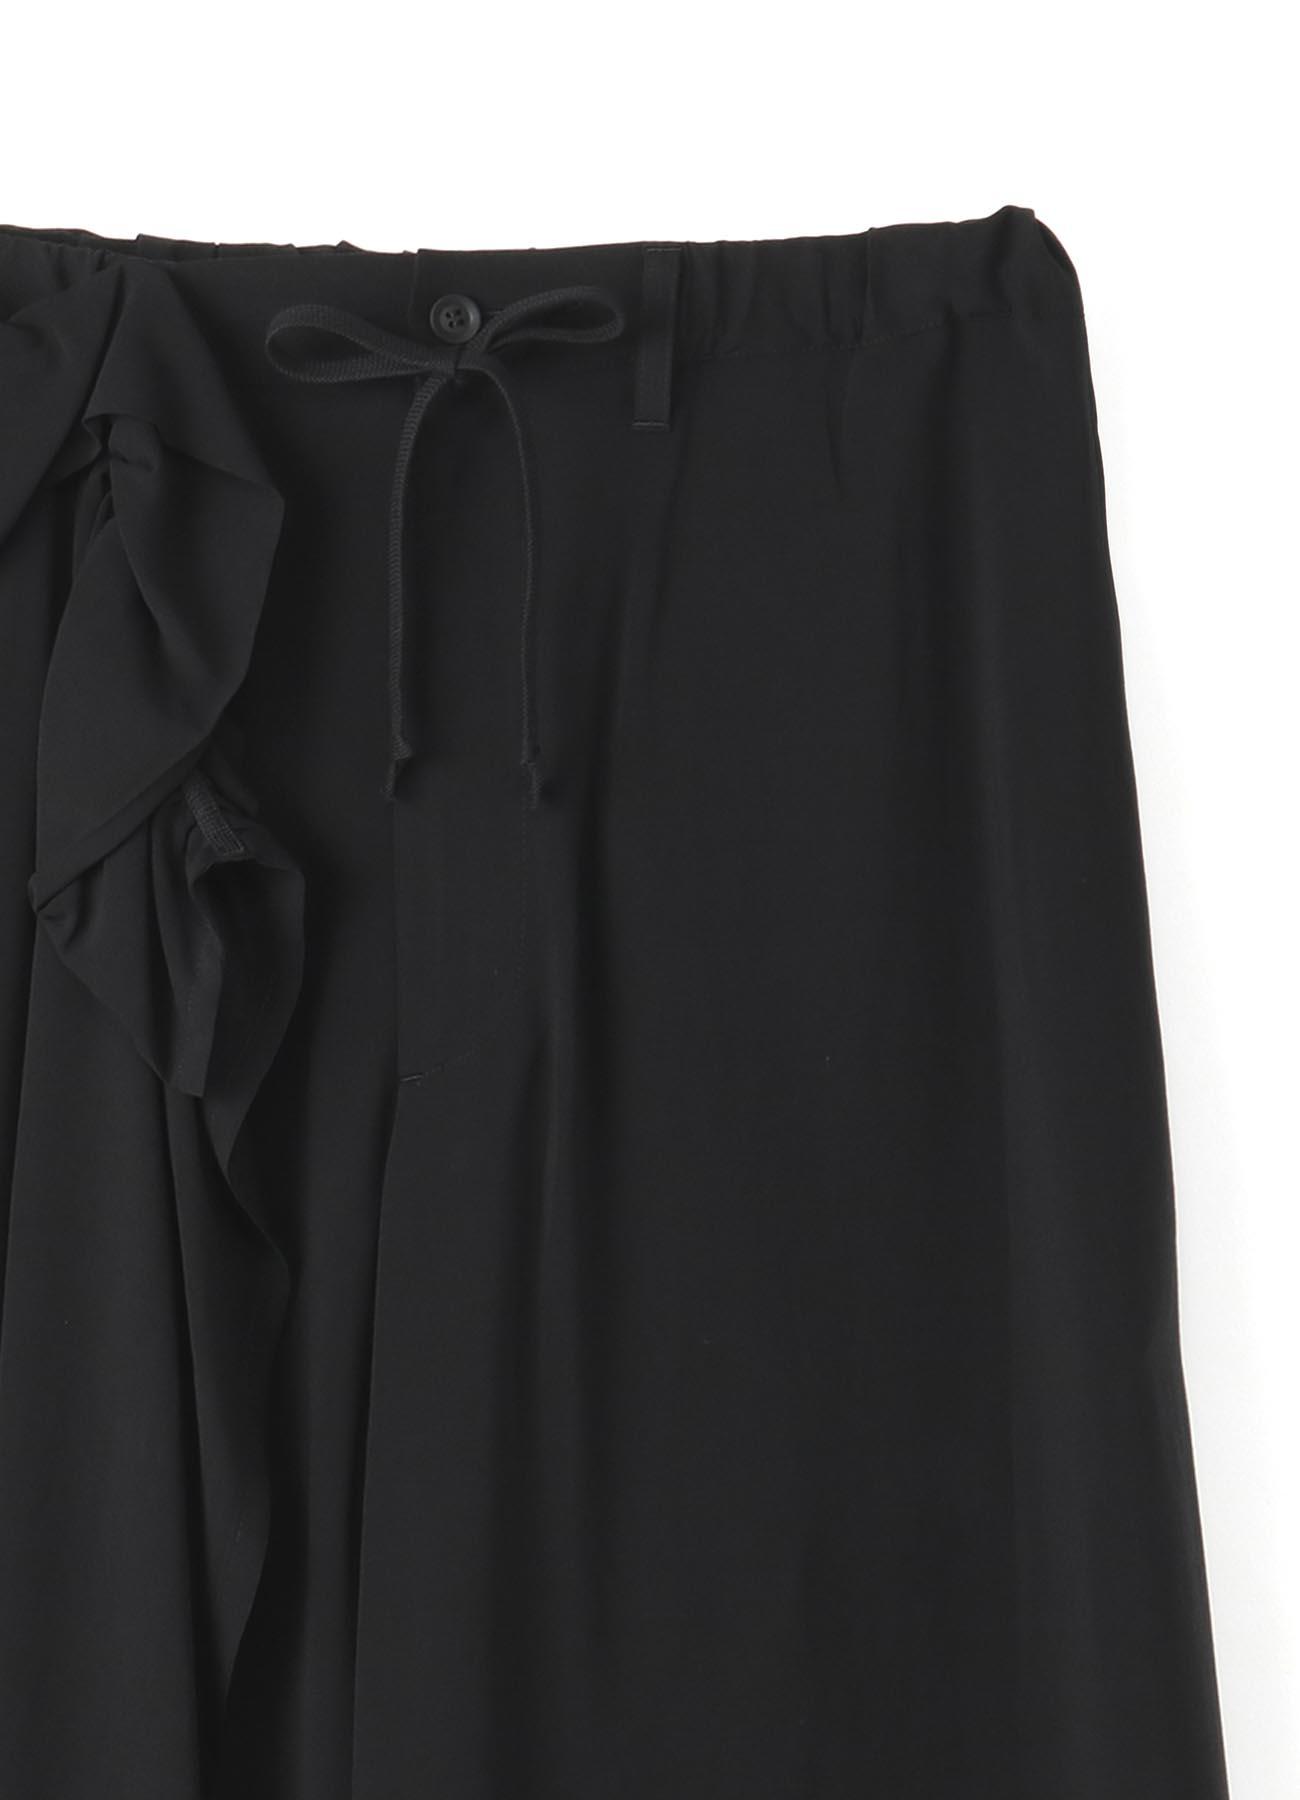 BLACK Scandal? メッセージプリントギャザースカートパンツ